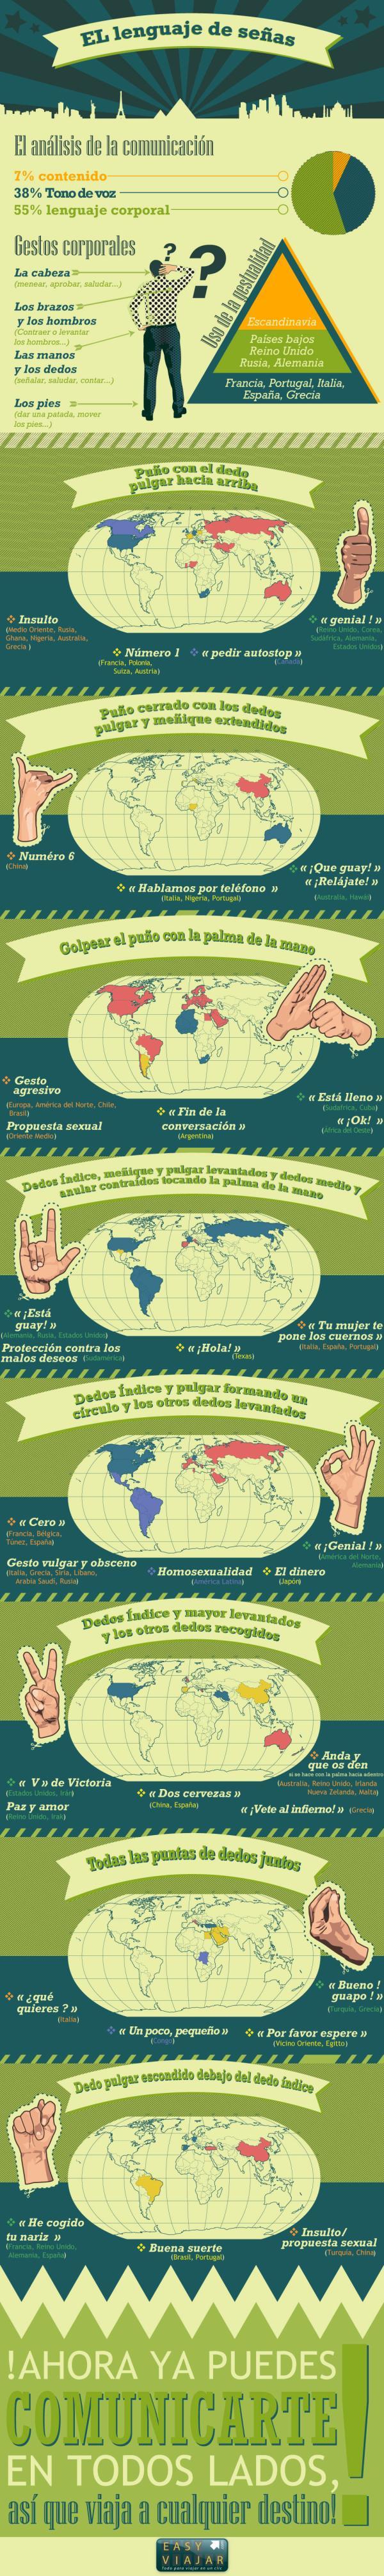 El lenguaje de señas en el Mundo